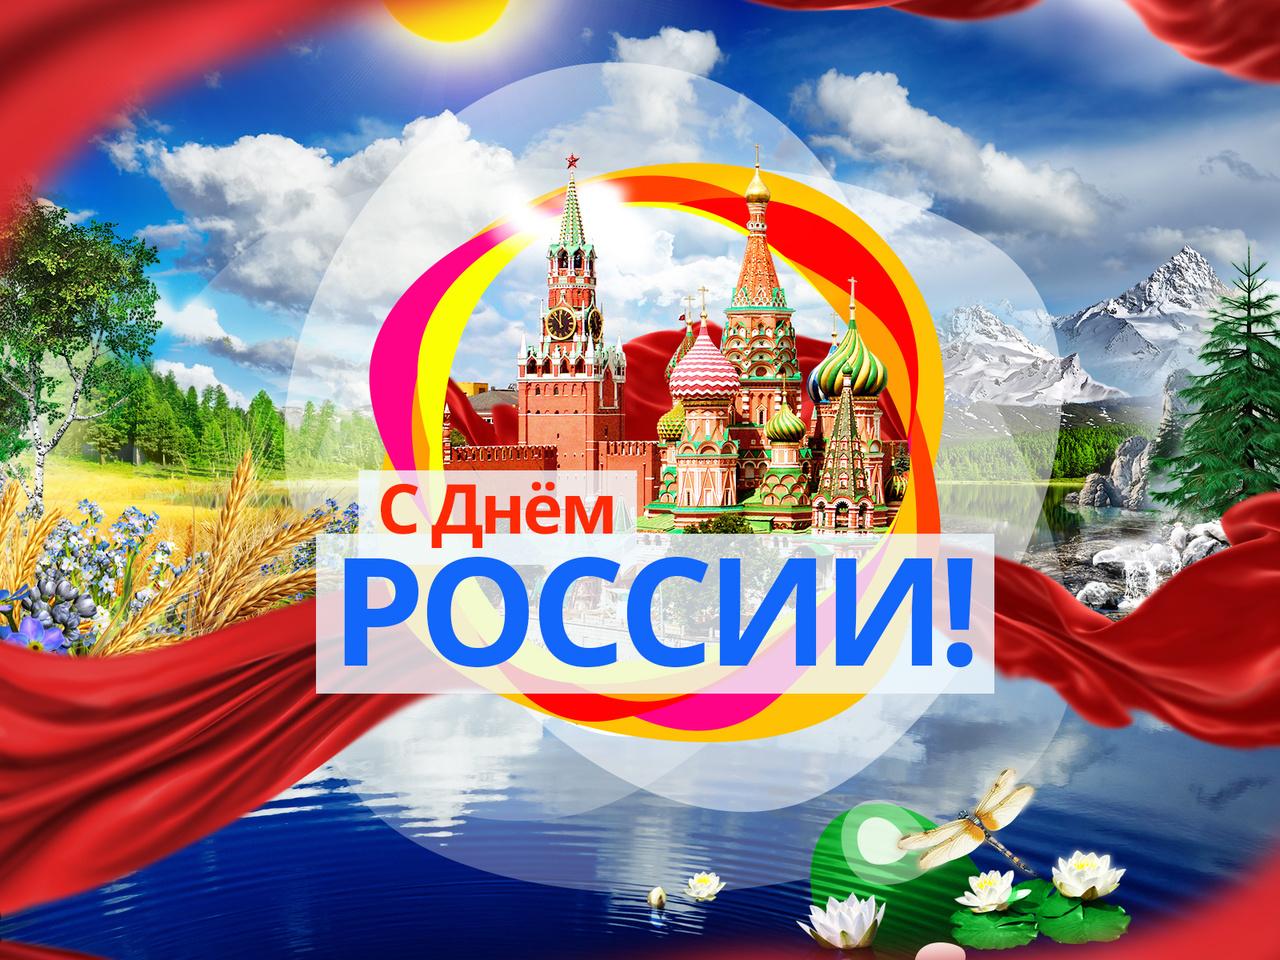 Поздравления с днем россии для одноклассников